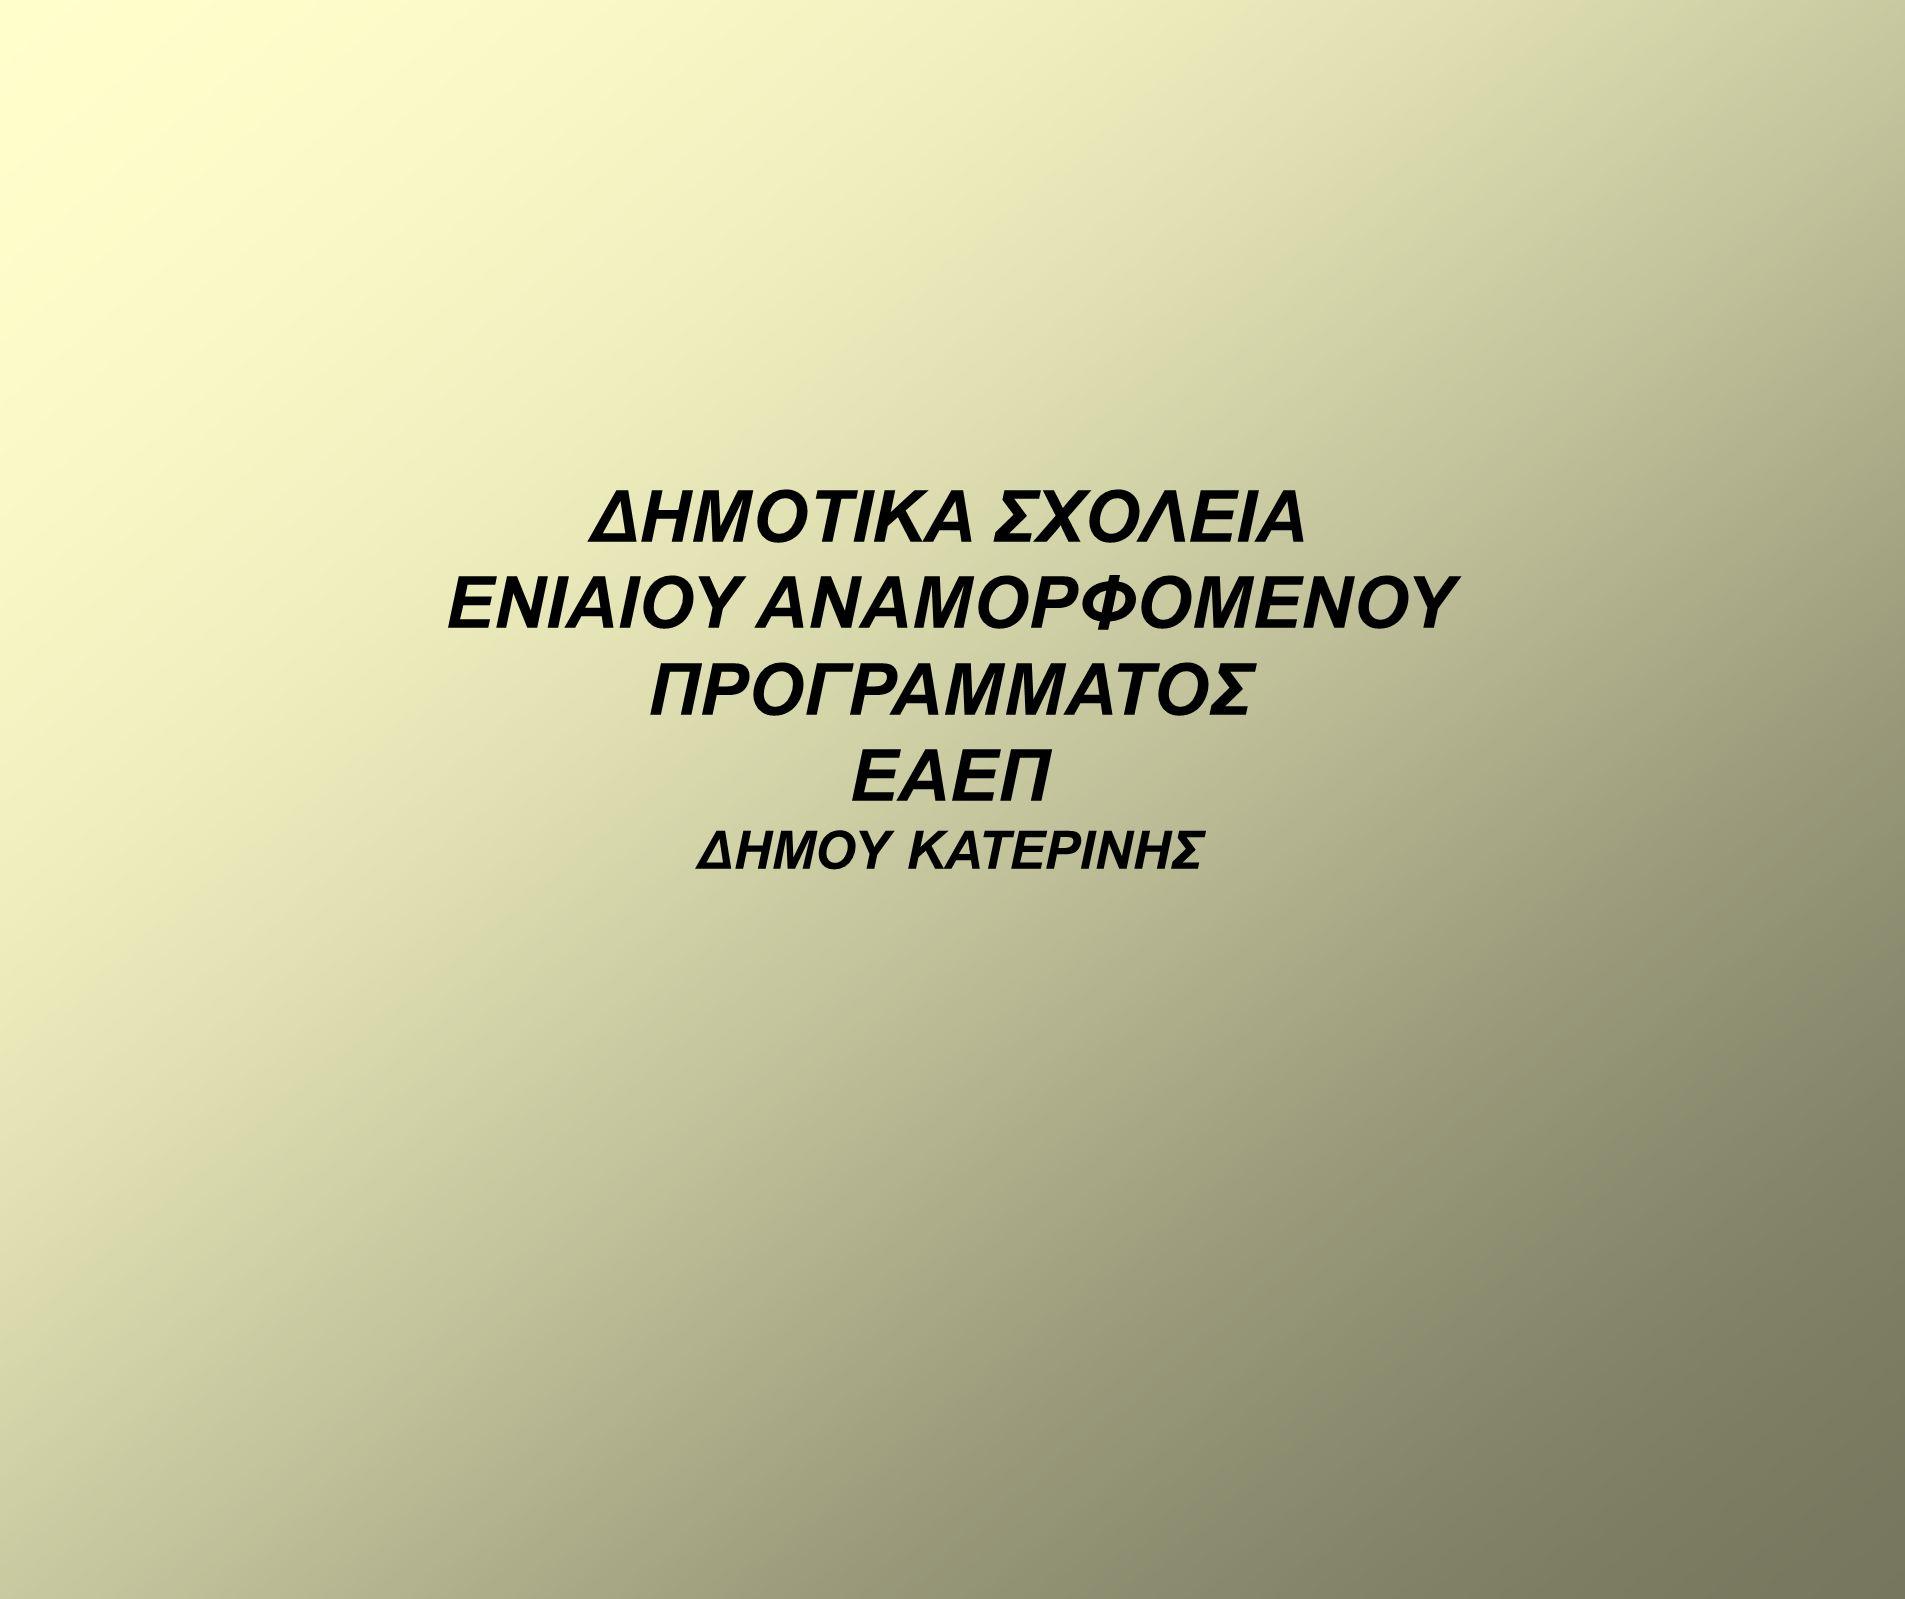 ΣΥΓΚΕΝΤΡΩΤΙΚΑ ΣΤΟΙΧΕΙΑ ΟΛΟΗΜΕΡΩΝ ΔΗΜΟΤΙΚΩΝ ΣΧΟΛΕΙΩΝ ΕΝΙΑΙΟΥ ΑΝΑΜΟΡΦΩΜΕΝΟΥ ΕΚΠΑΙΔΕΥΤΙΚΟΥ ΠΡΟΓΡΑΜΜΑΤΟΣ (ΕΑΕΠ) ΤΗΣ Π.Ε. Ν.ΠΙΕΡΙΑΣ ΔΗΜΟΤΙΚΑ ΣΧΟΛΕΙΑ ΕΝΙΑΙΟ